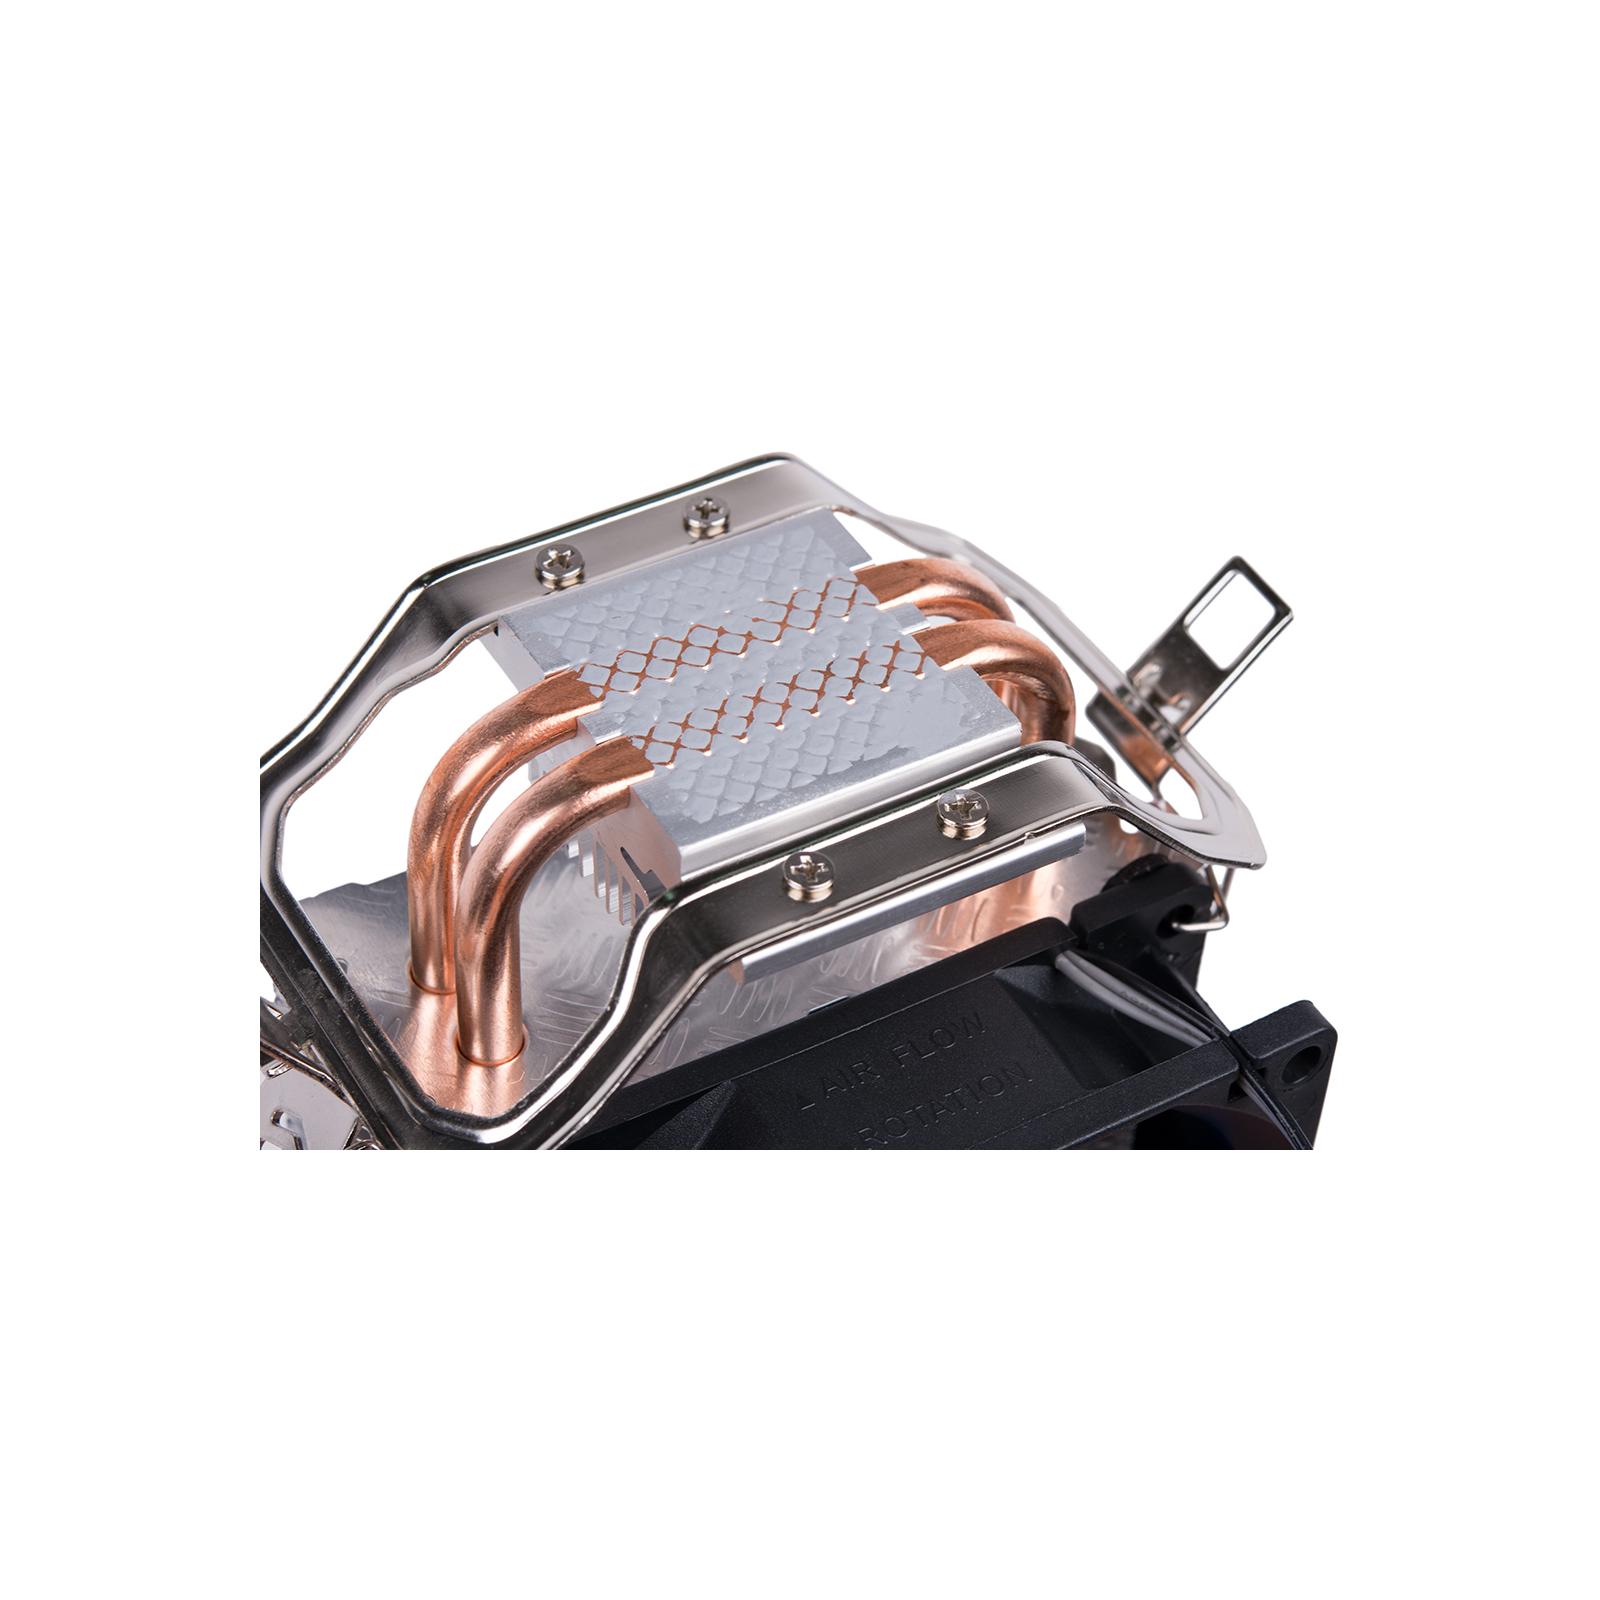 Кулер для процессора Deepcool ICEEDGE MINI FS V2.0 изображение 5